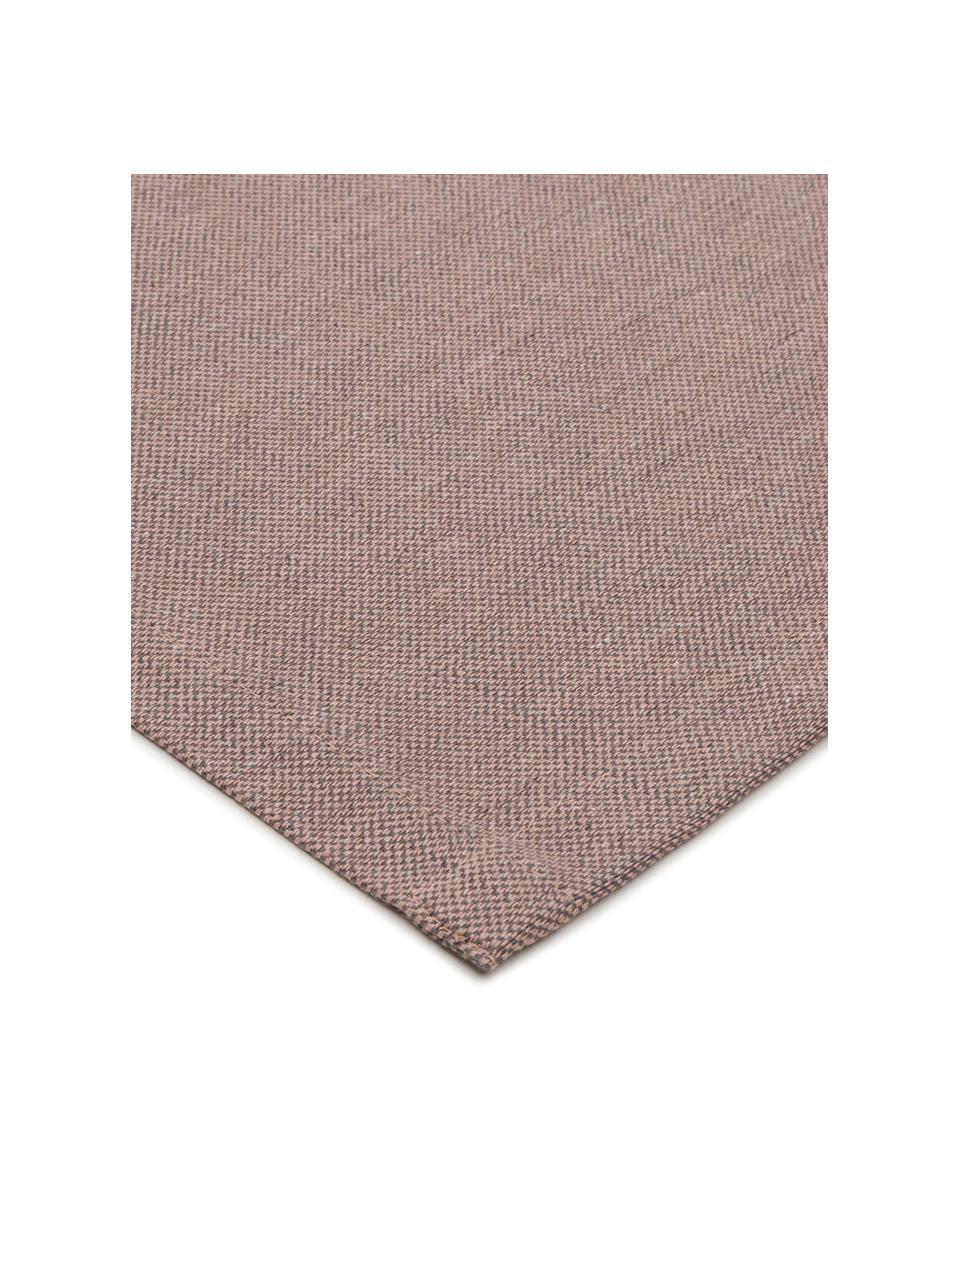 Runner in misto cotone color malva Riva, 55% cotone, 45% poliestere, Viola, Larg. 40 x Lung. 150 cm